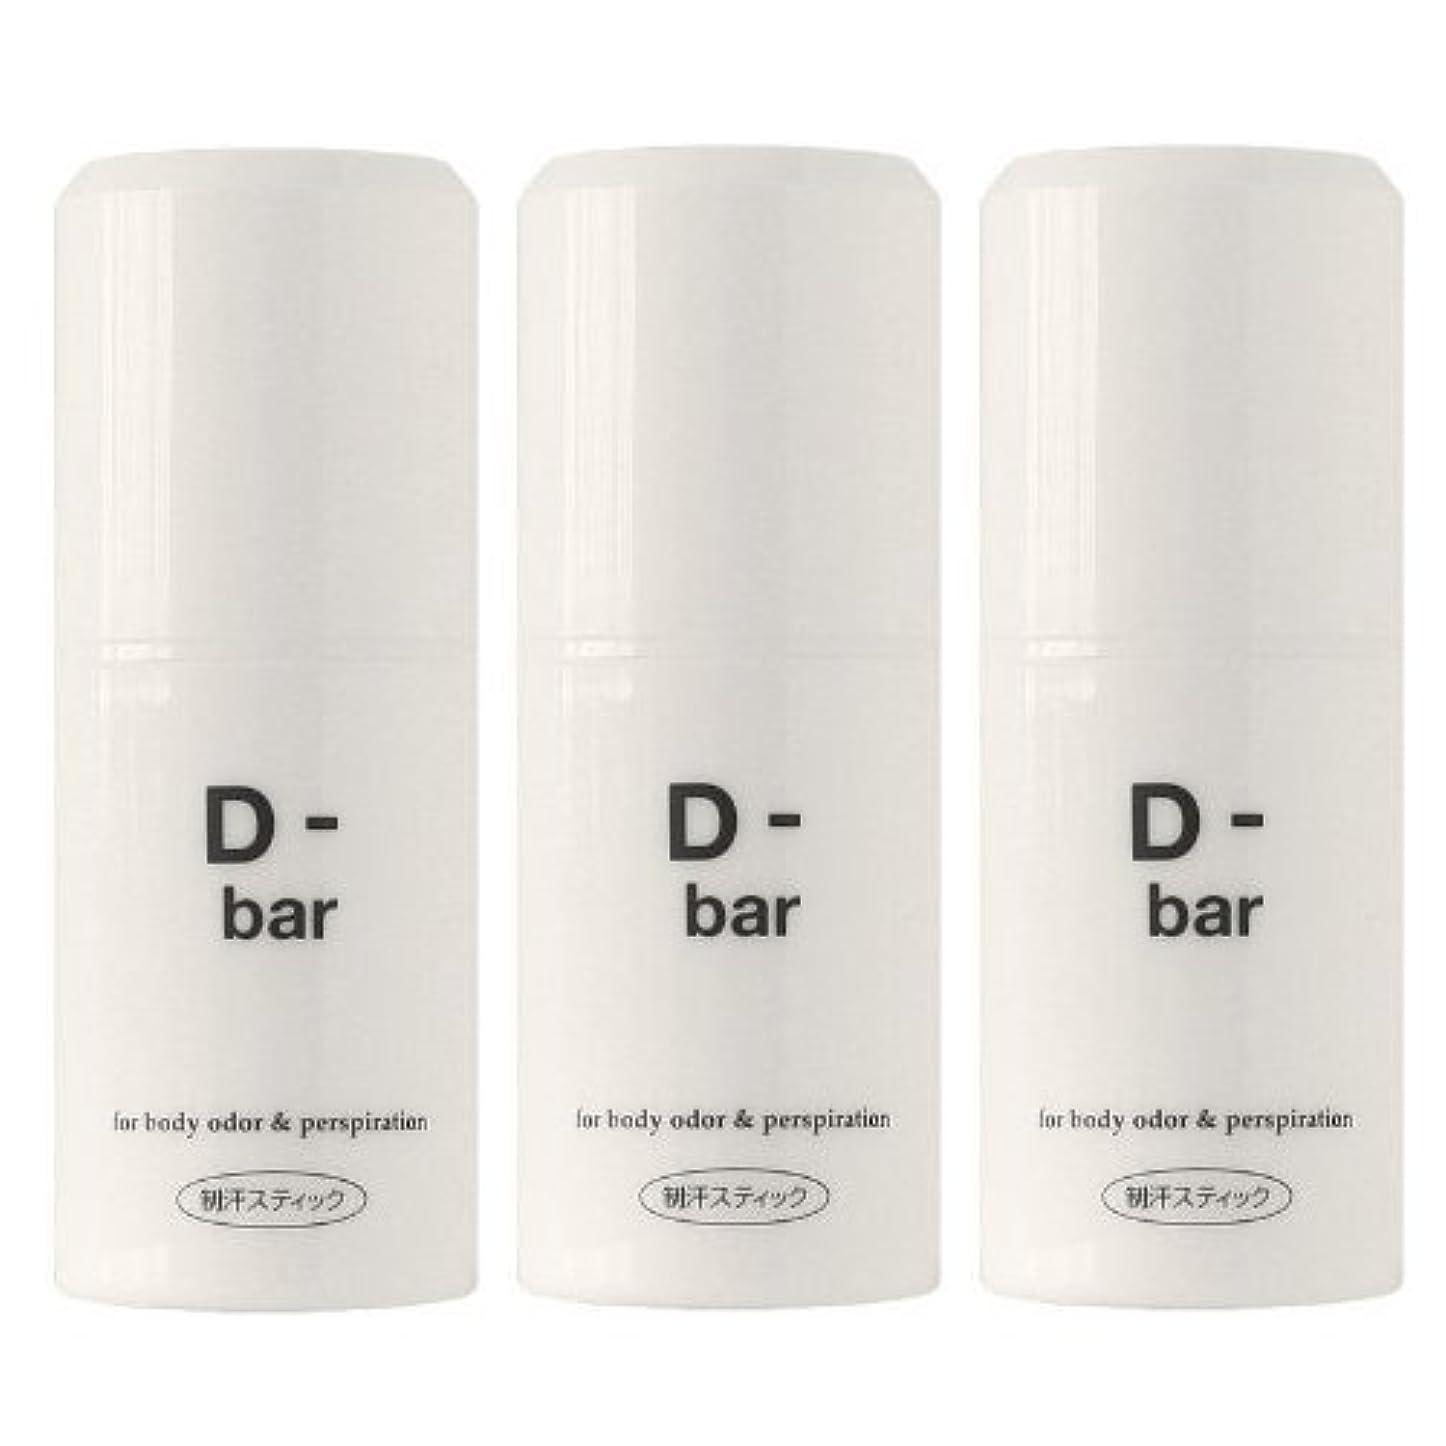 法医学シチリアハントディーバー(D-bar) 3本セット